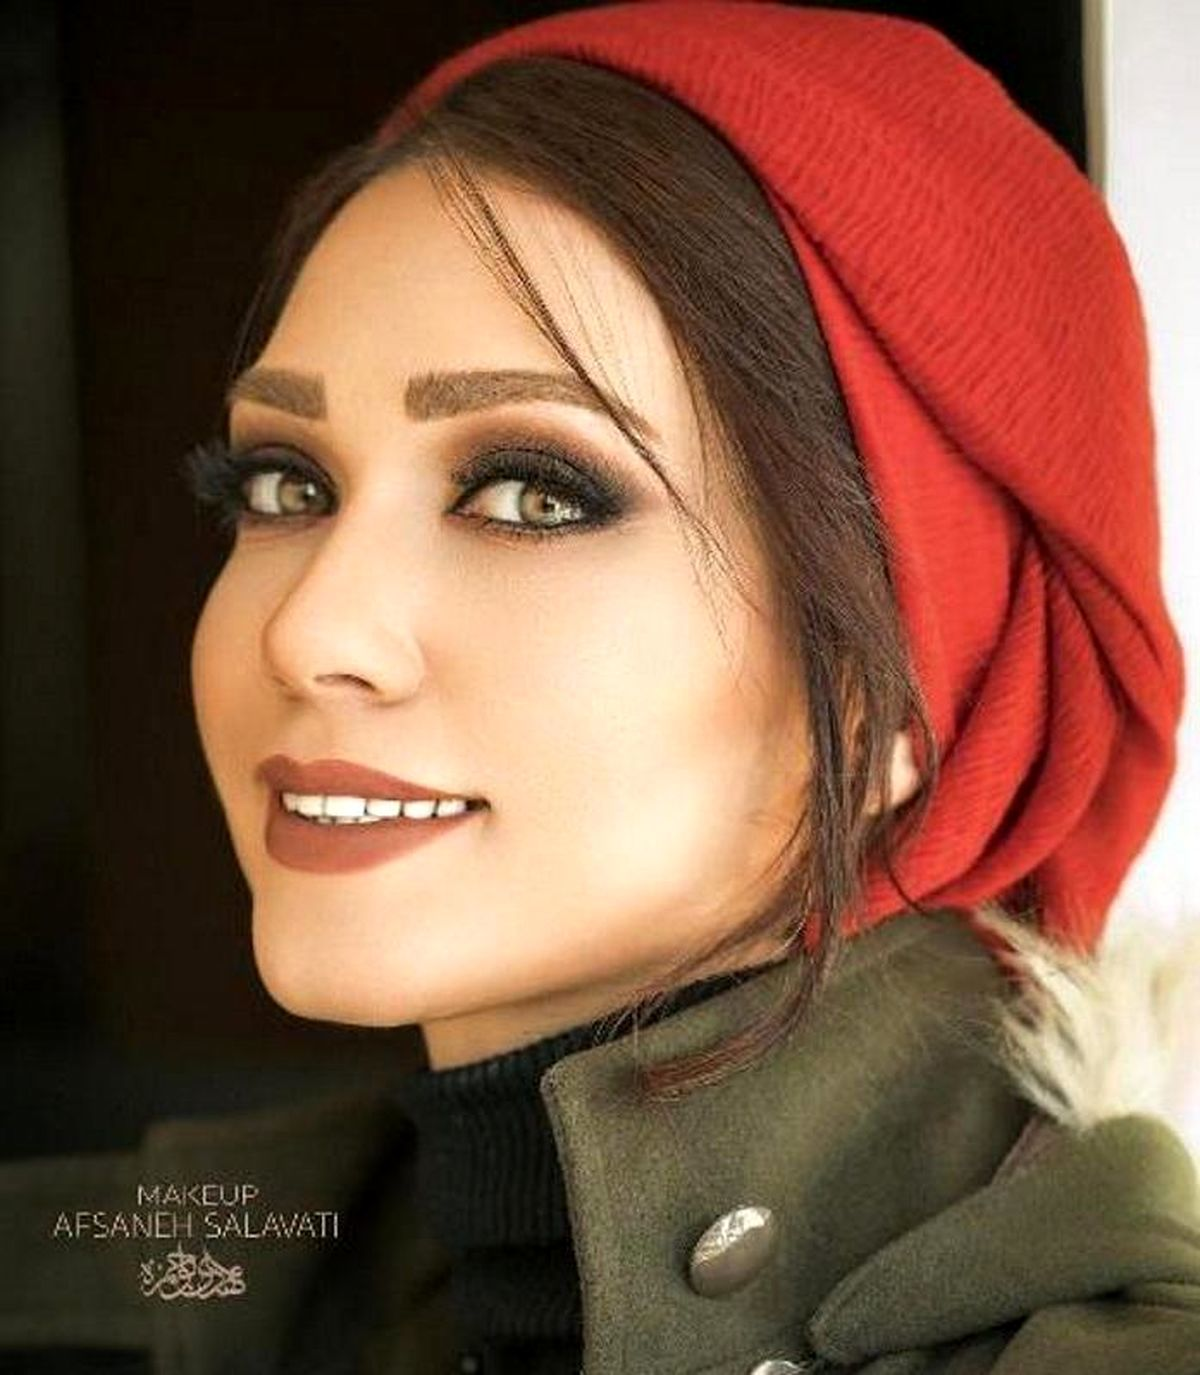 چهره زیبا و با آرایش شهرزاد کمال زاده + عکس